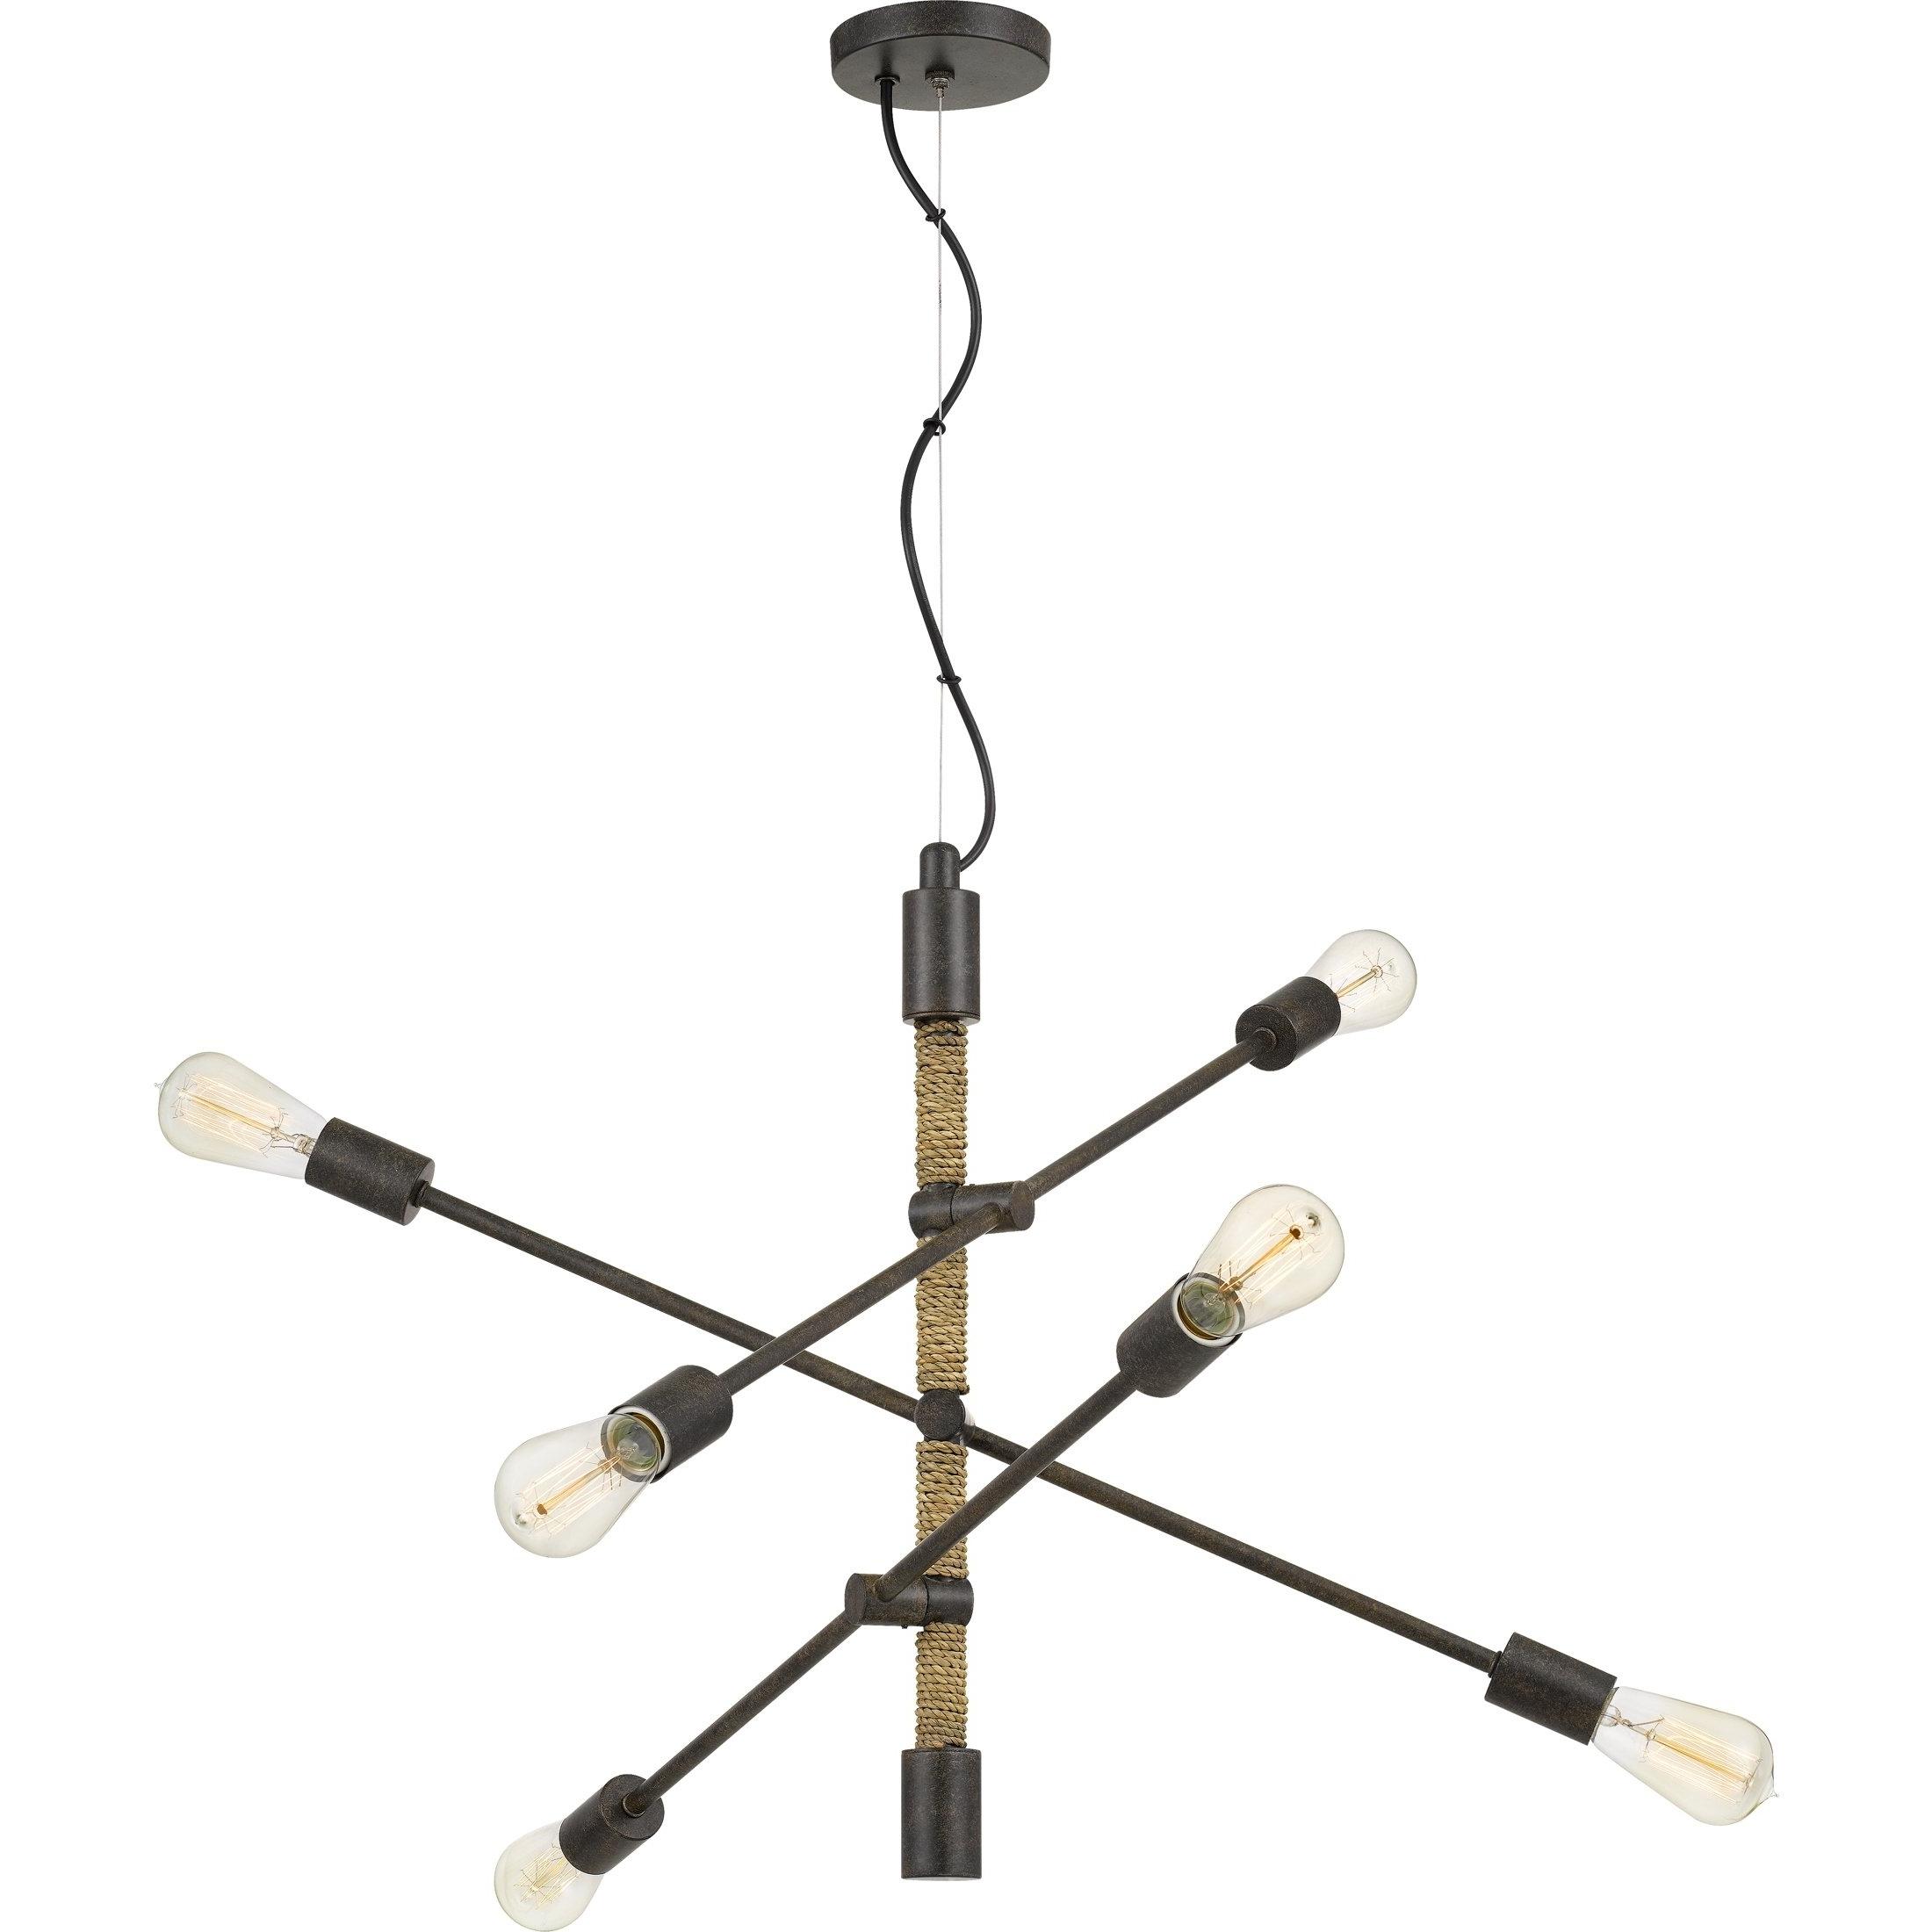 Eladia 6 Light Sputnik Chandeliers With Regard To Most Popular Lonestreet Tarnished Bronze 6 Light Chandelier, Beige (Steel (View 19 of 25)